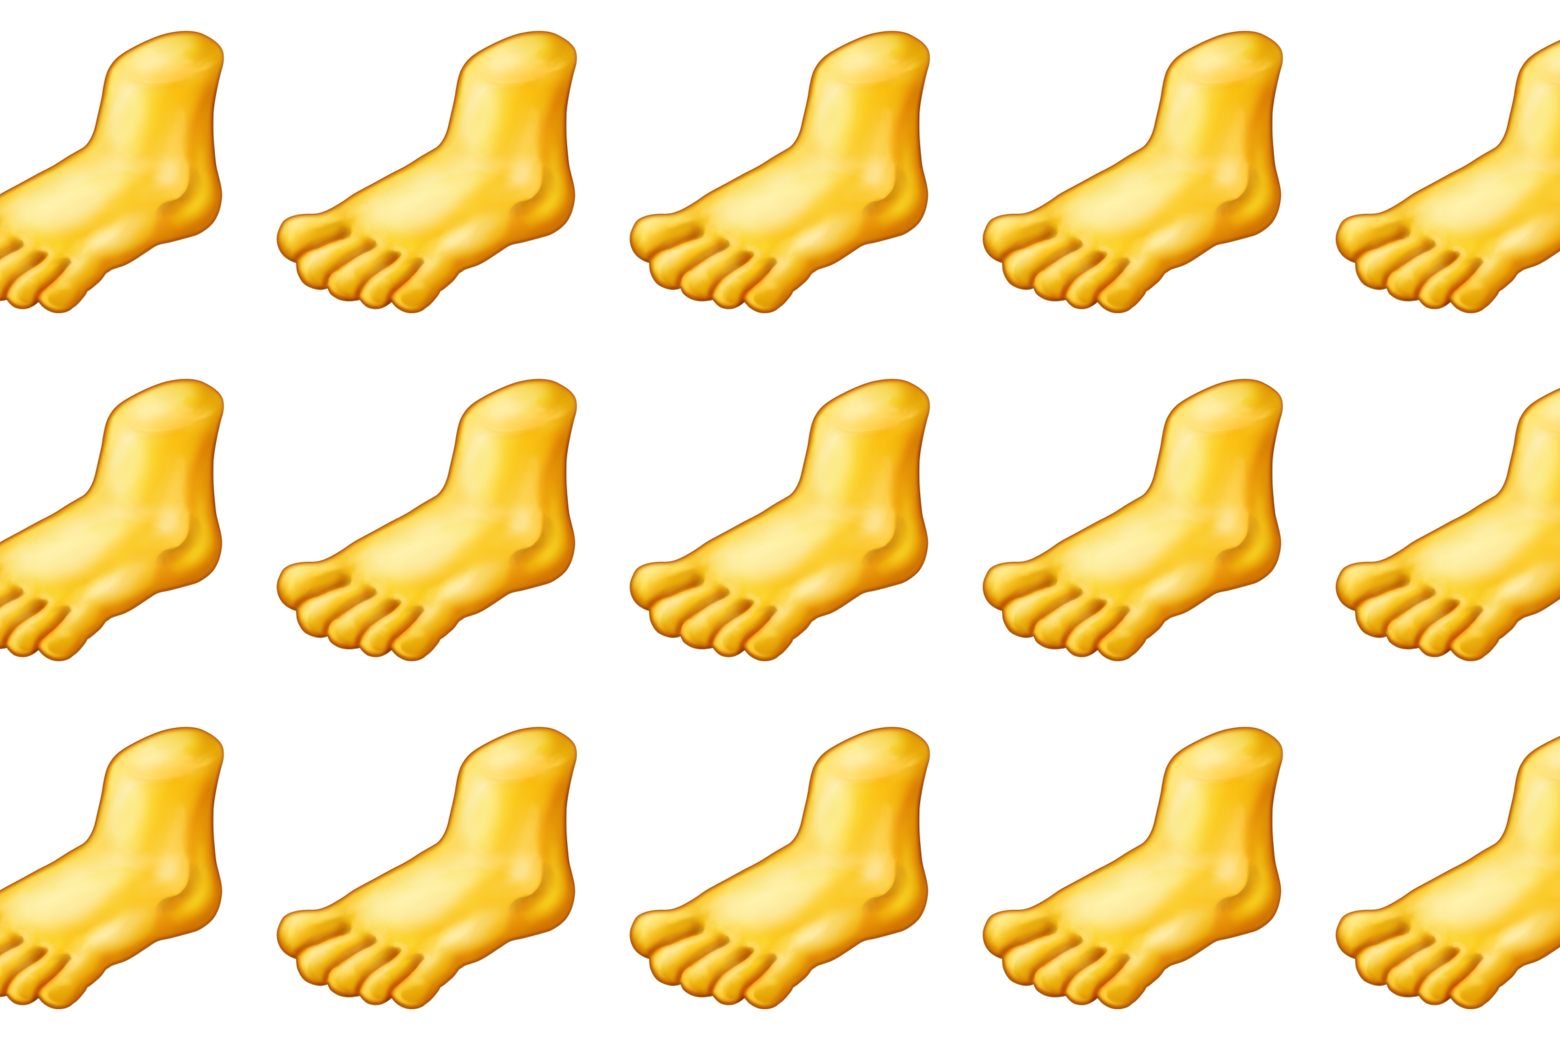 Severed foot emojis.